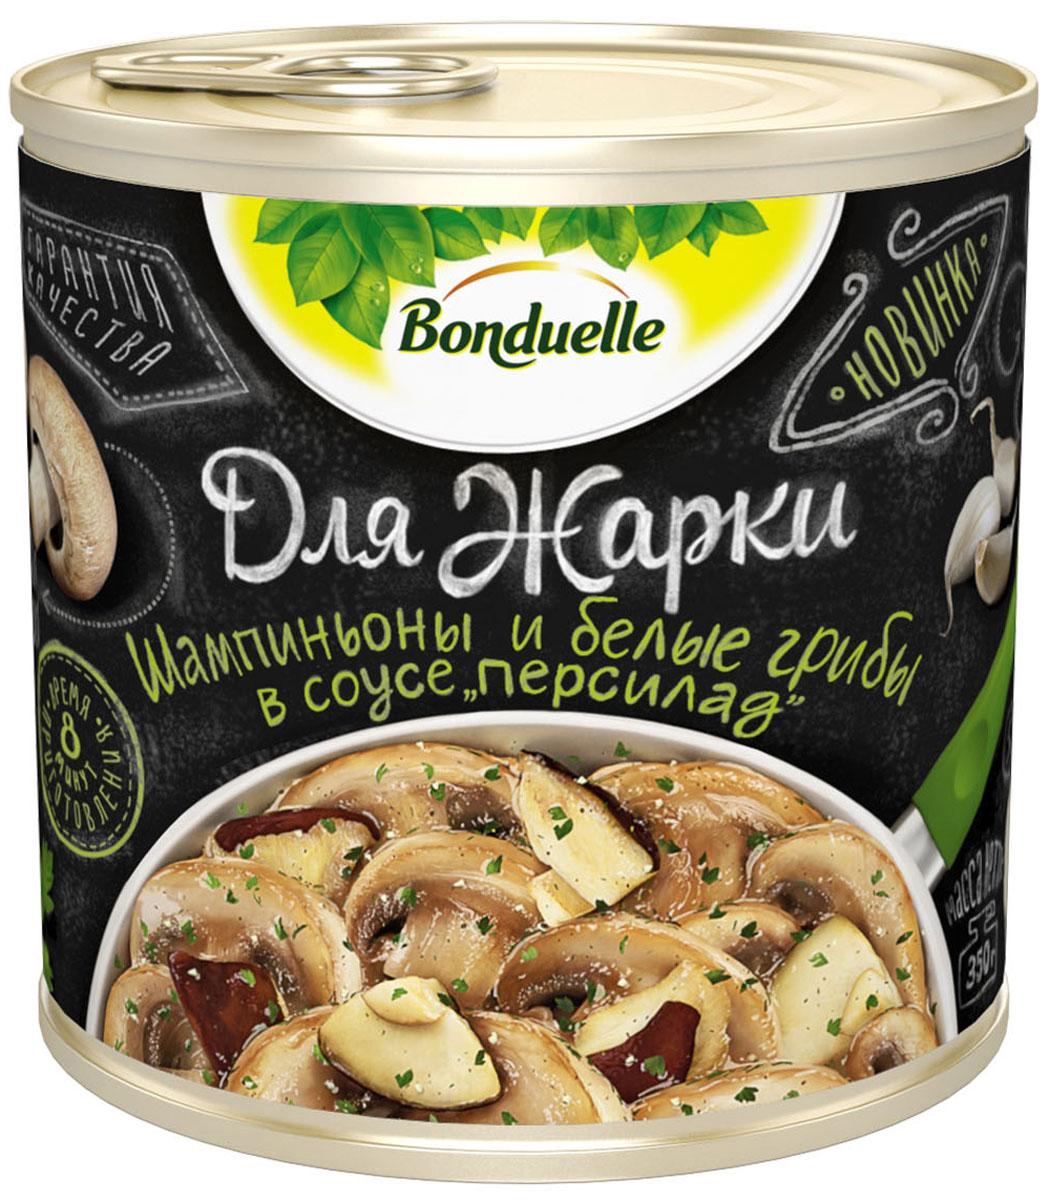 Bonduelle шампиньоны и белые грибы в соусе персилад